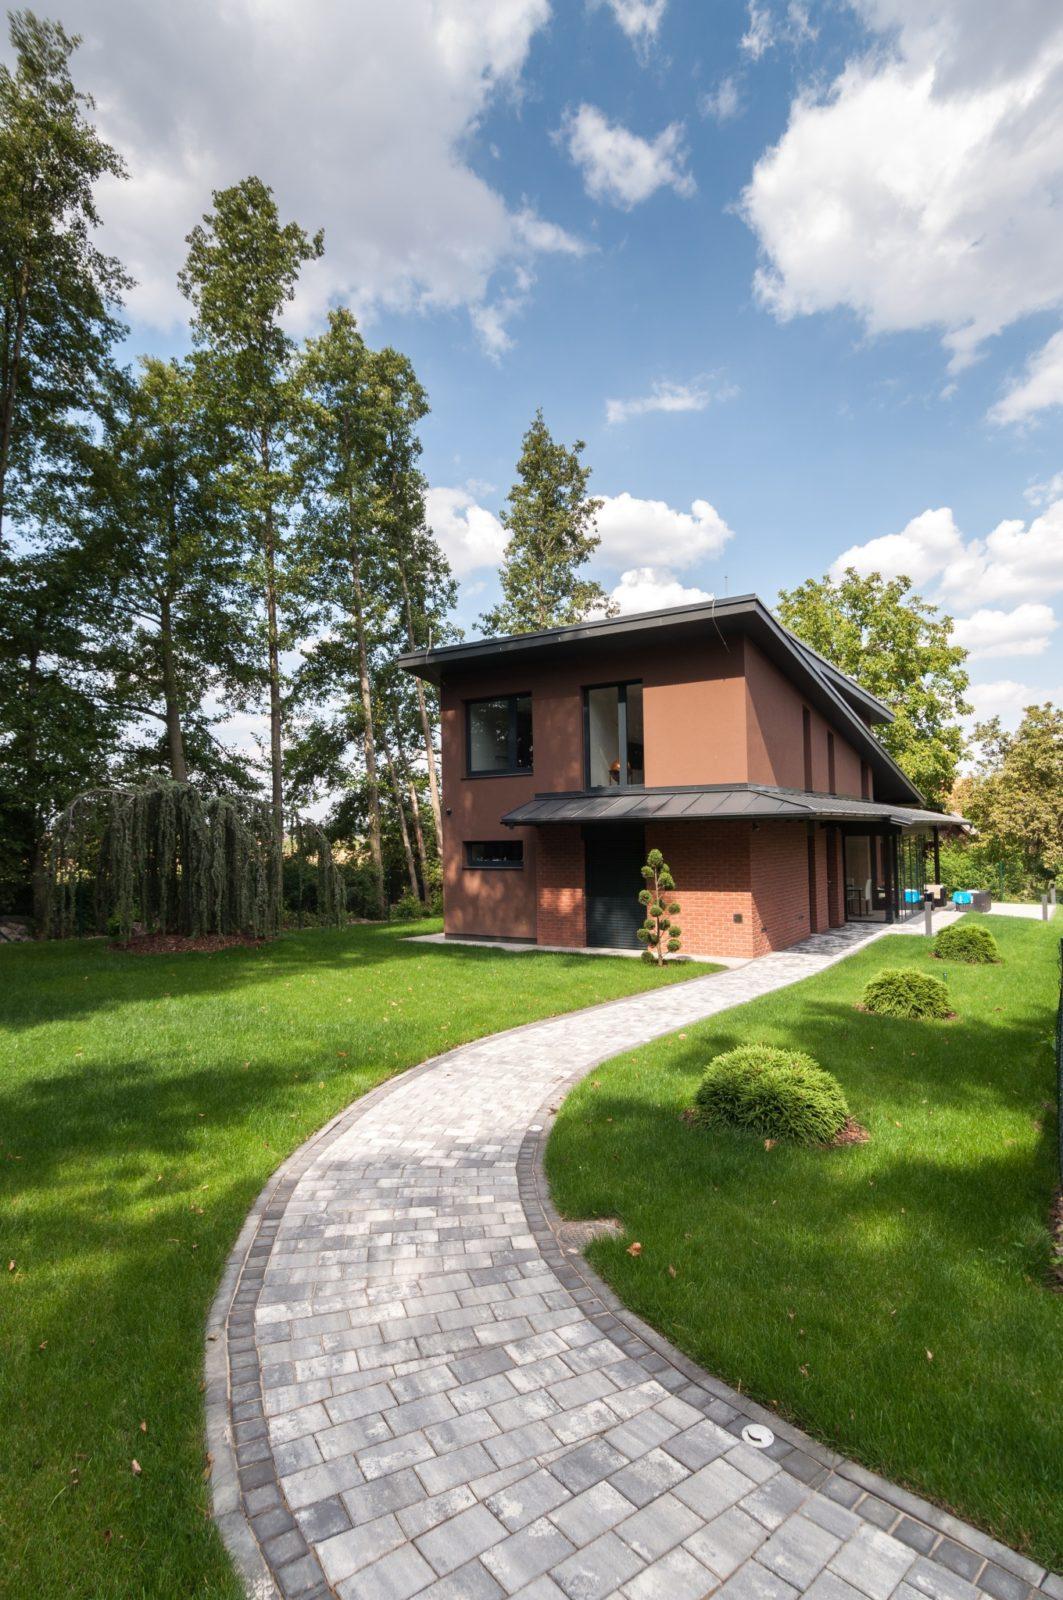 návrh rodinného domu včetně interiéru od architekta